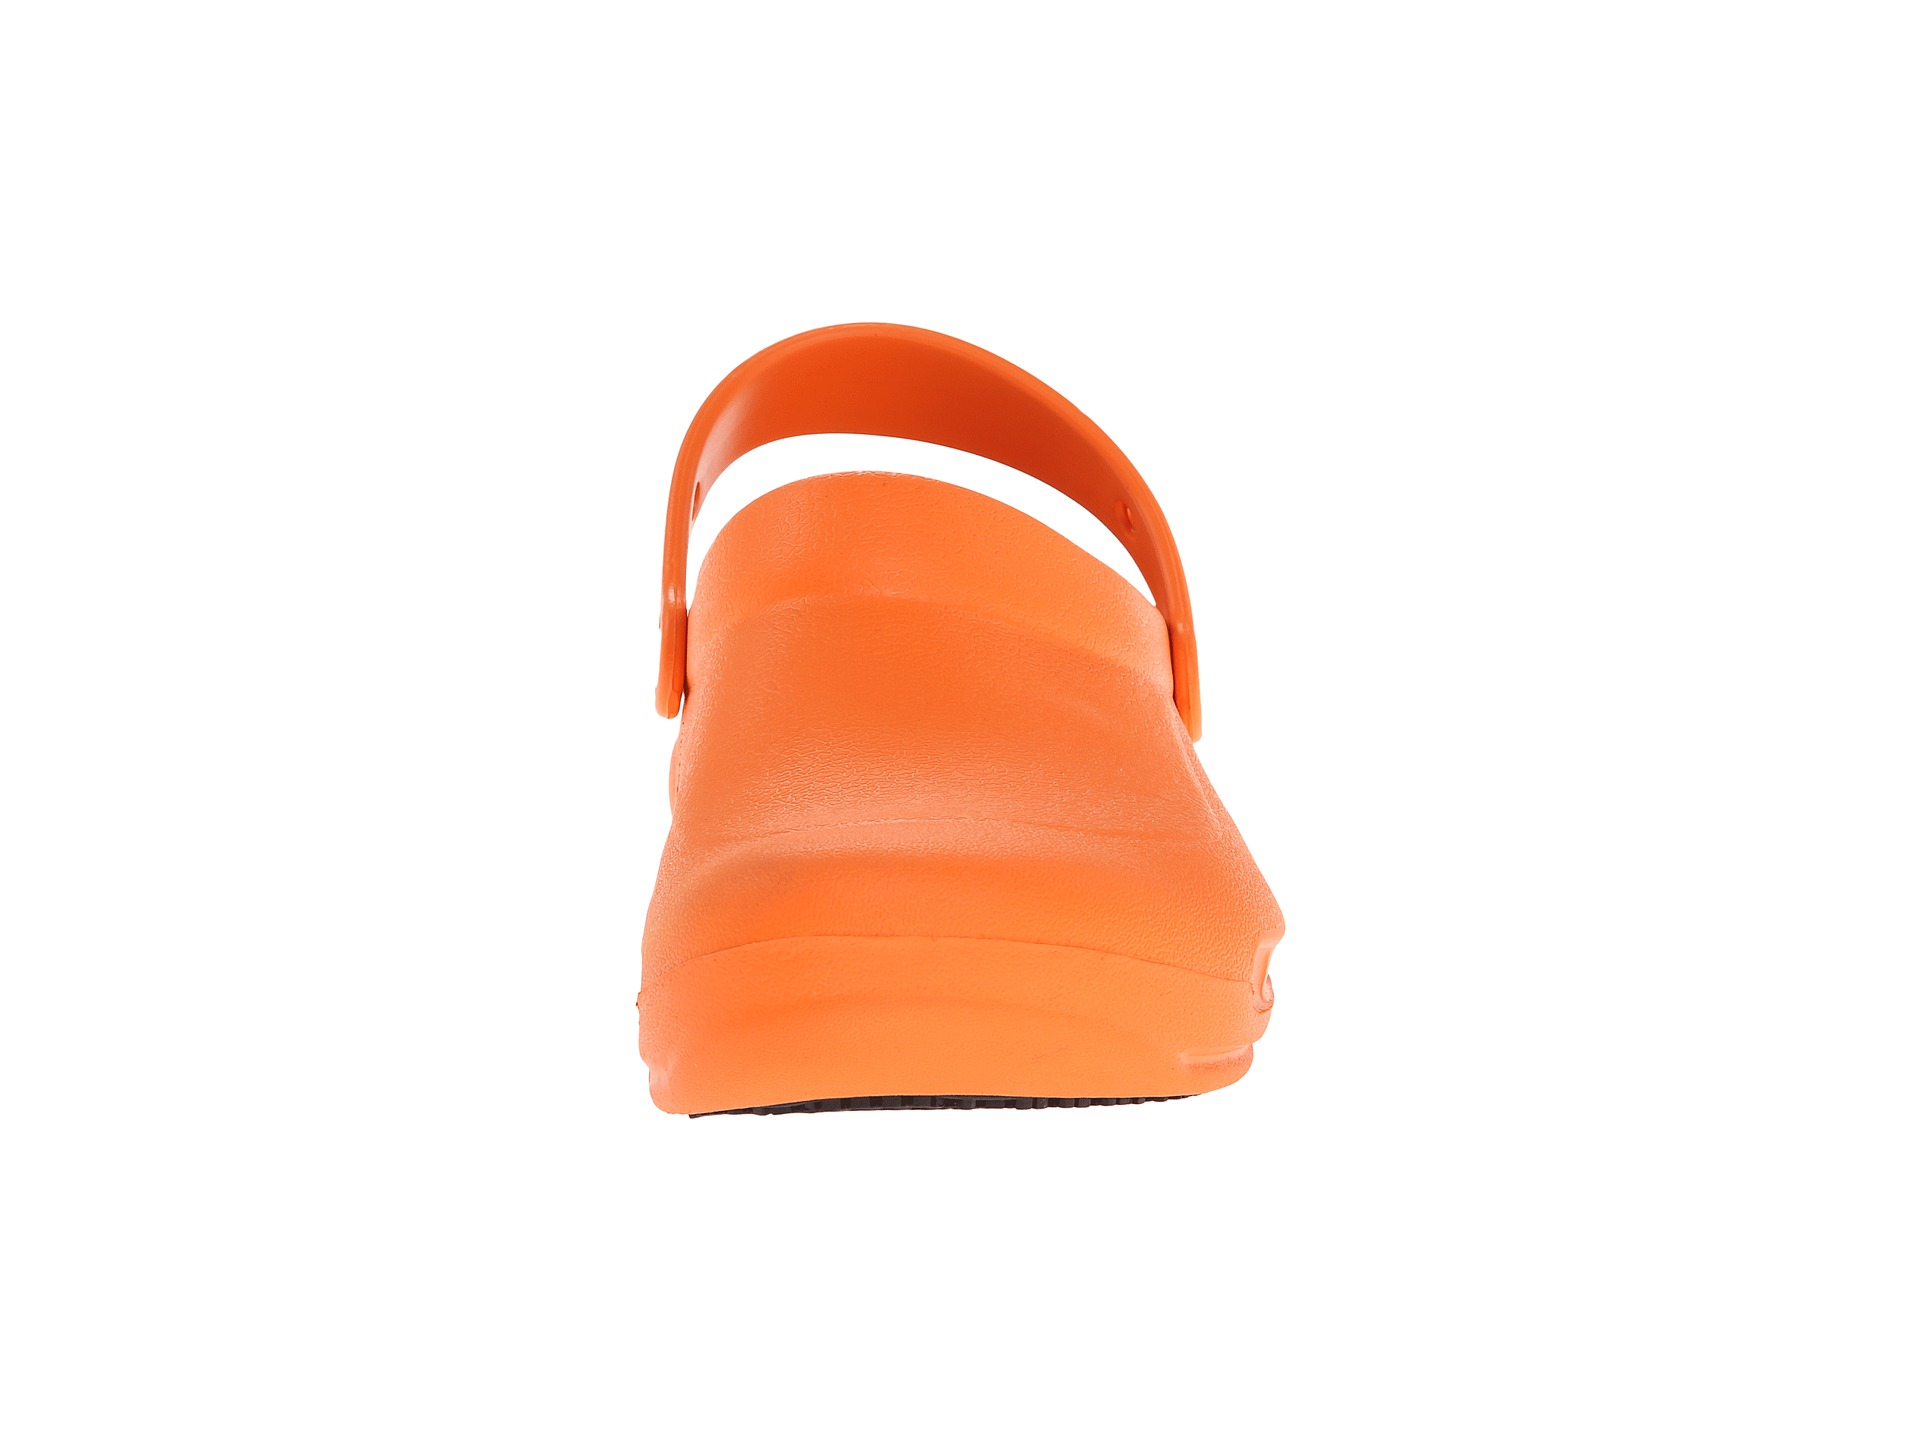 d9de01566 Crocs Bistro Unisex